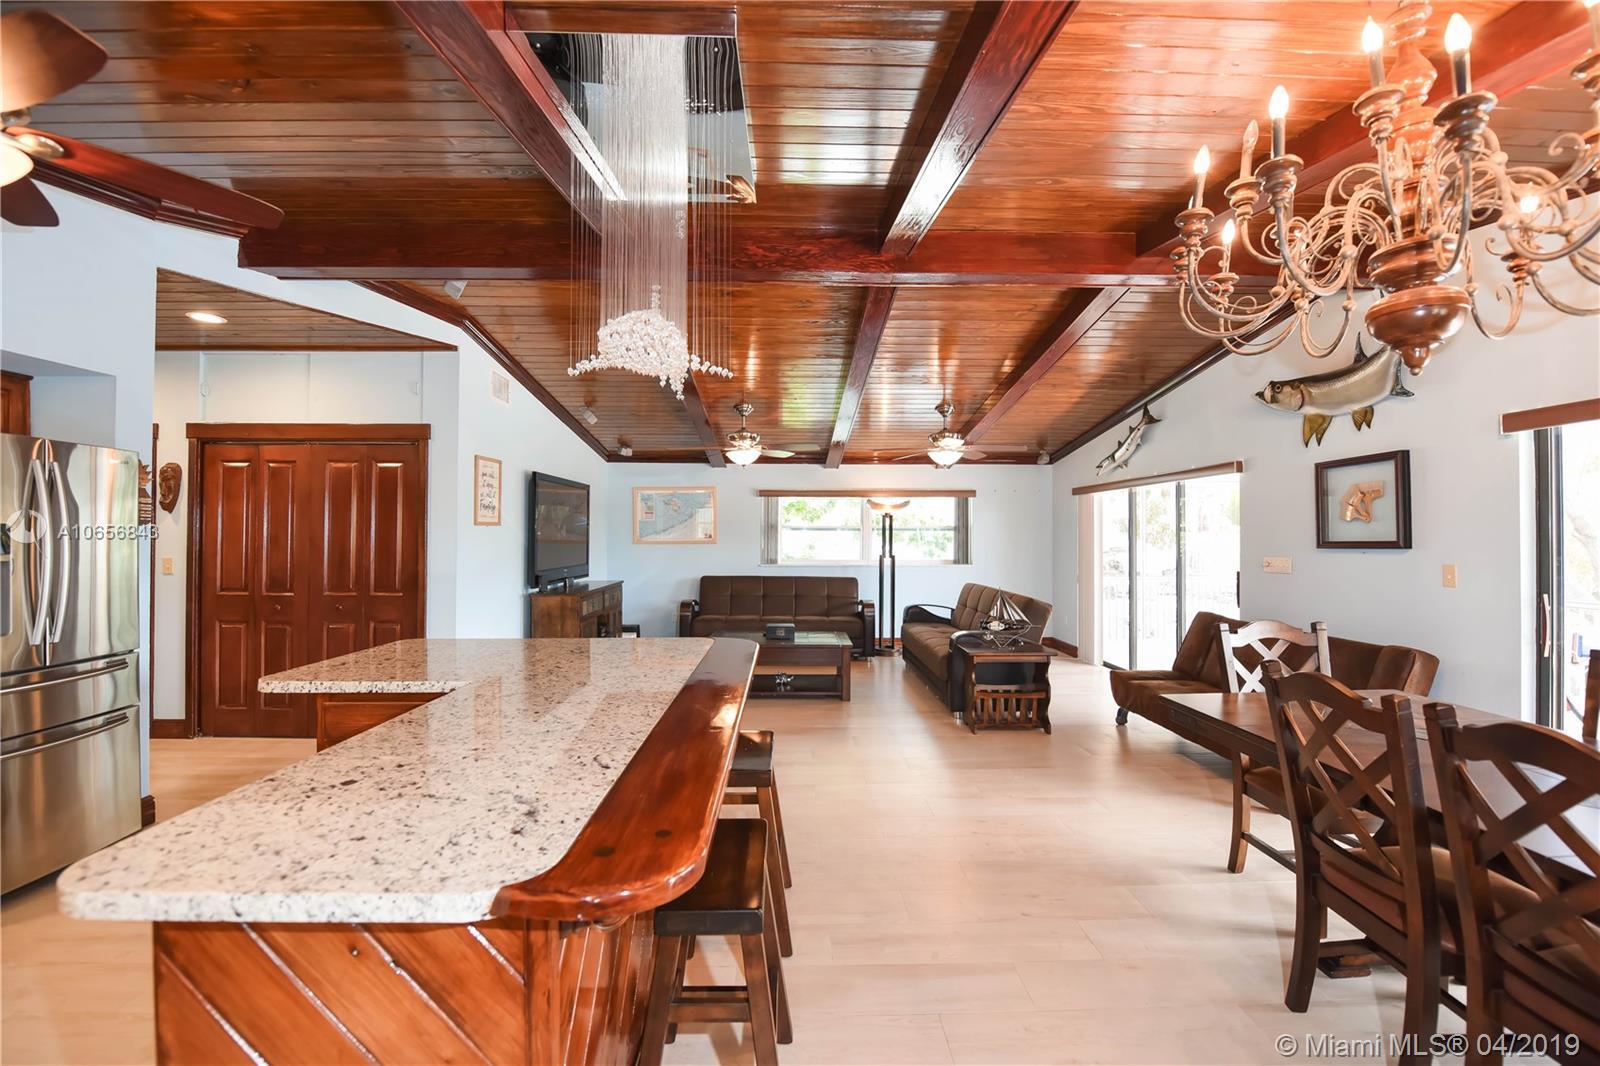 171 Corrine Pl, Key Largo, FL 33037 - Key Largo, FL real estate listing